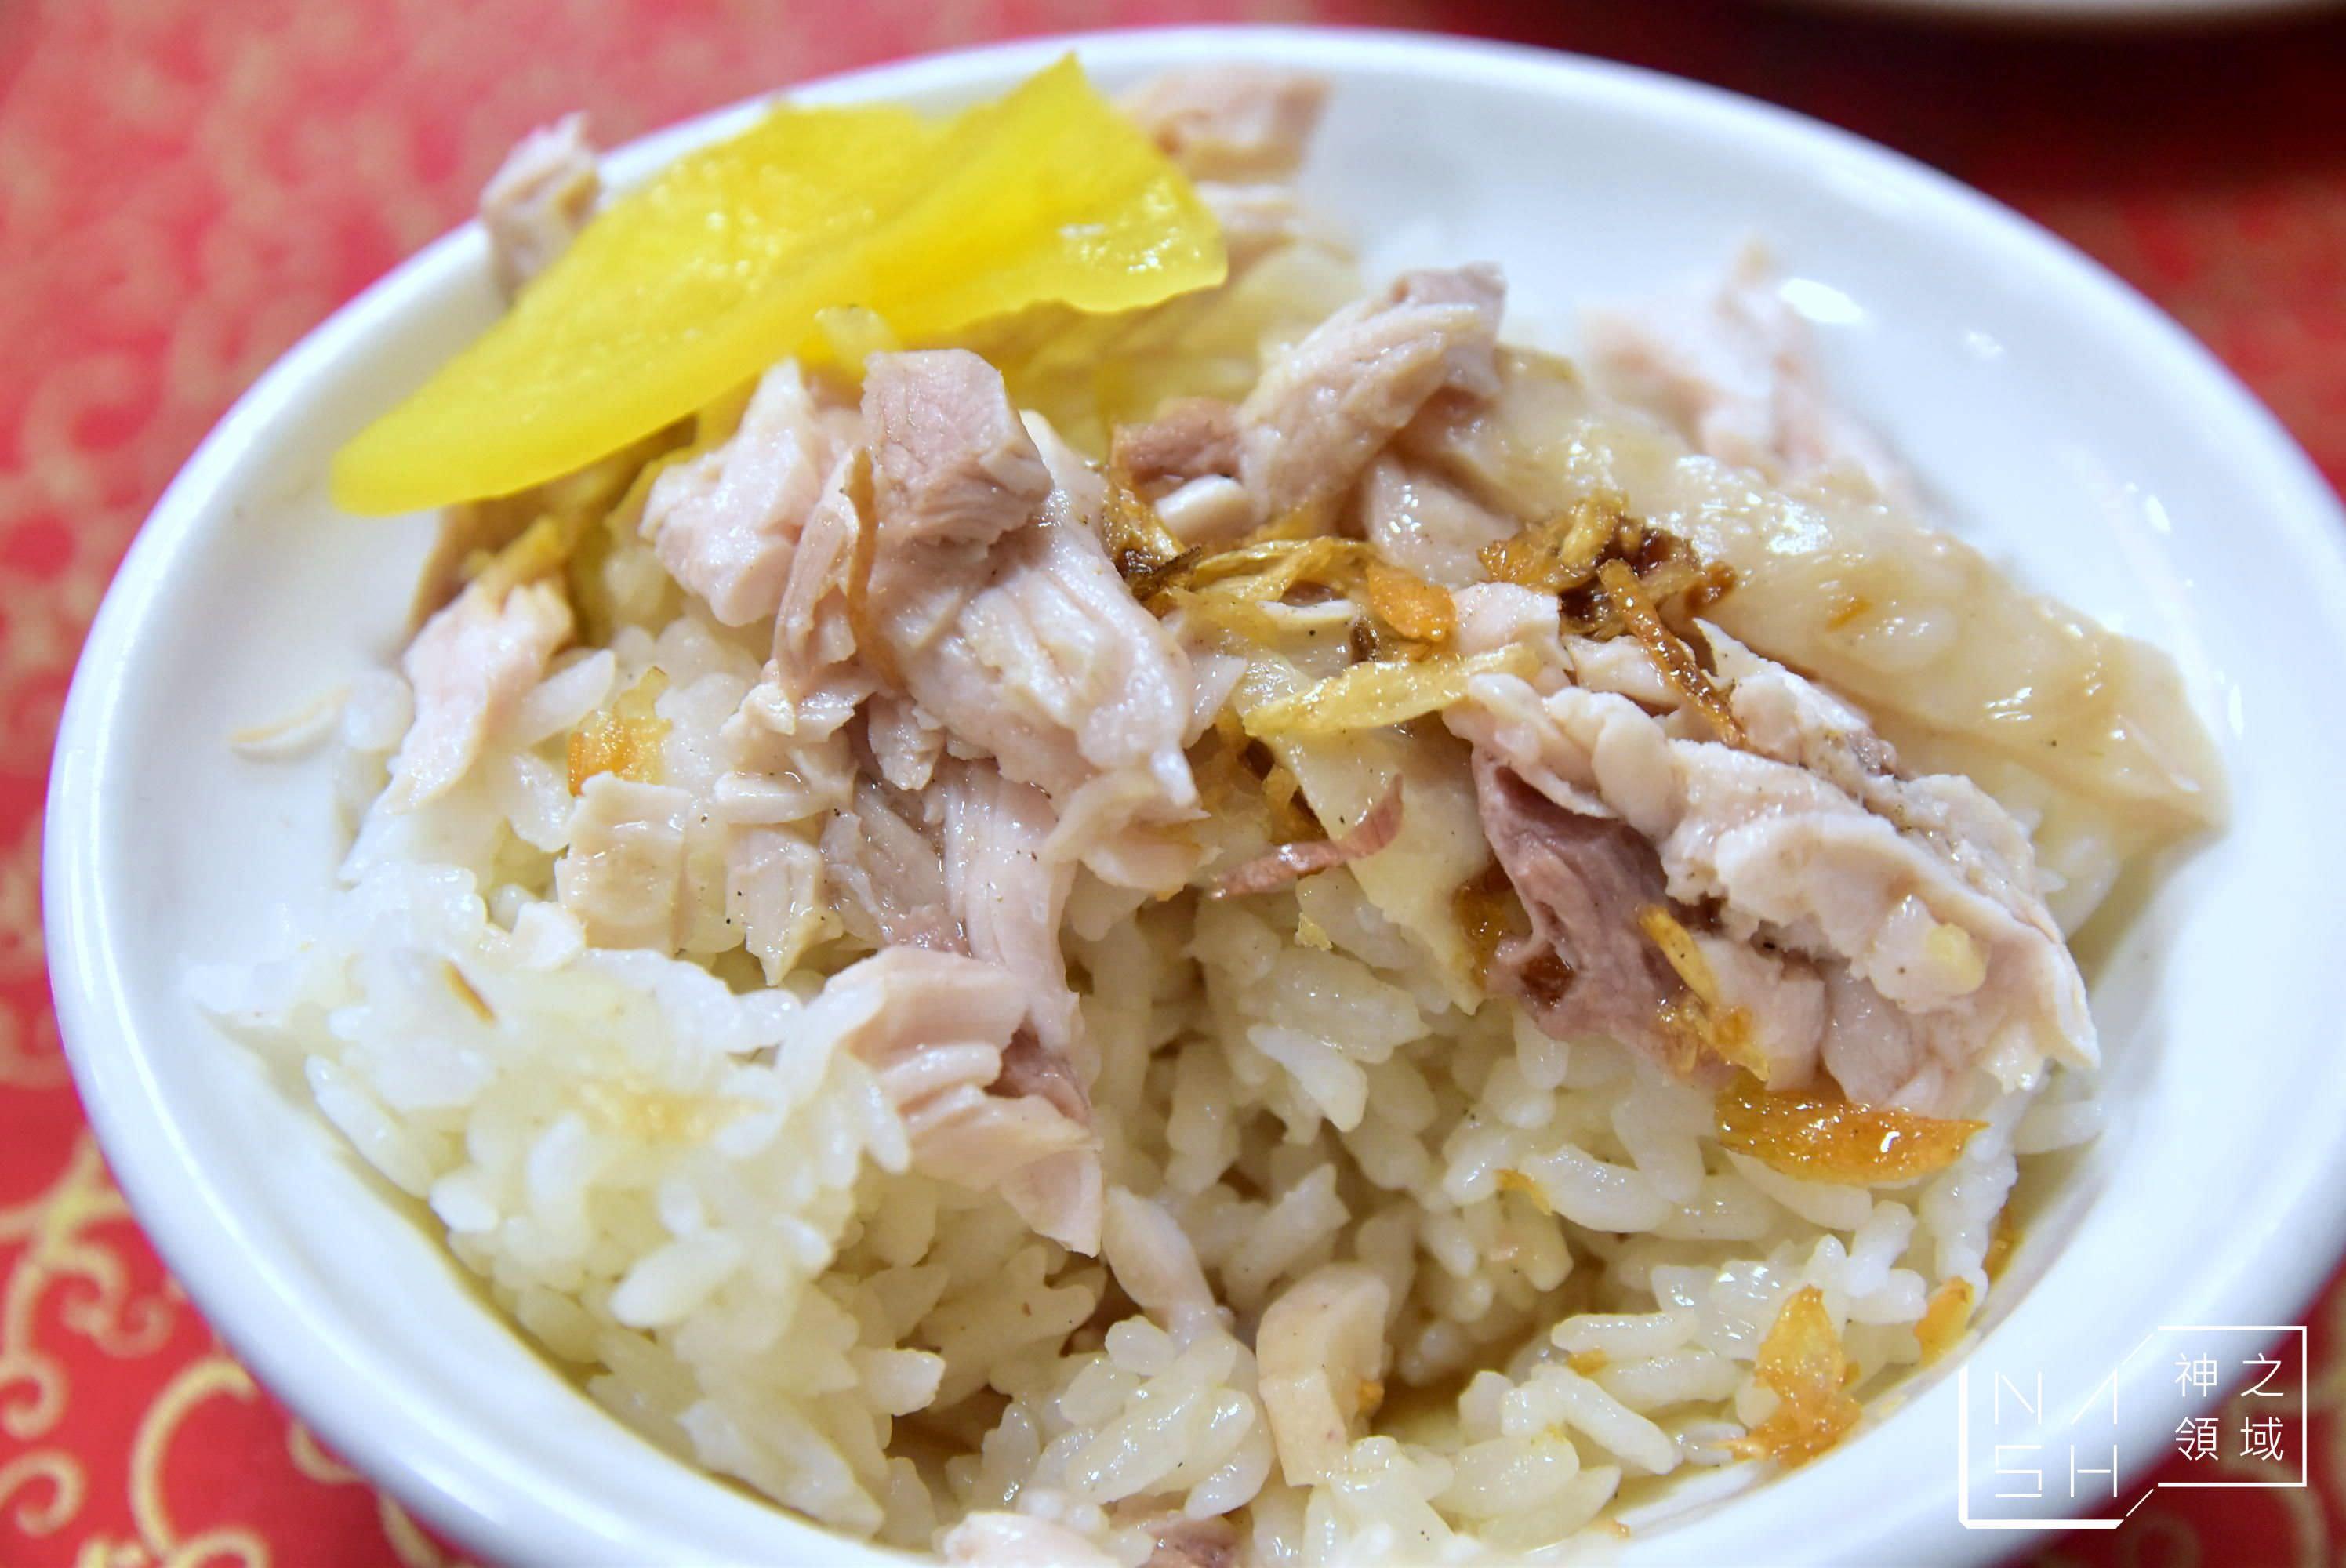 嘉義雞肉飯,嘉義火雞肉飯推薦,阿宏師火雞肉飯,嘉義火雞肉飯懶人包,嘉義美食懶人包